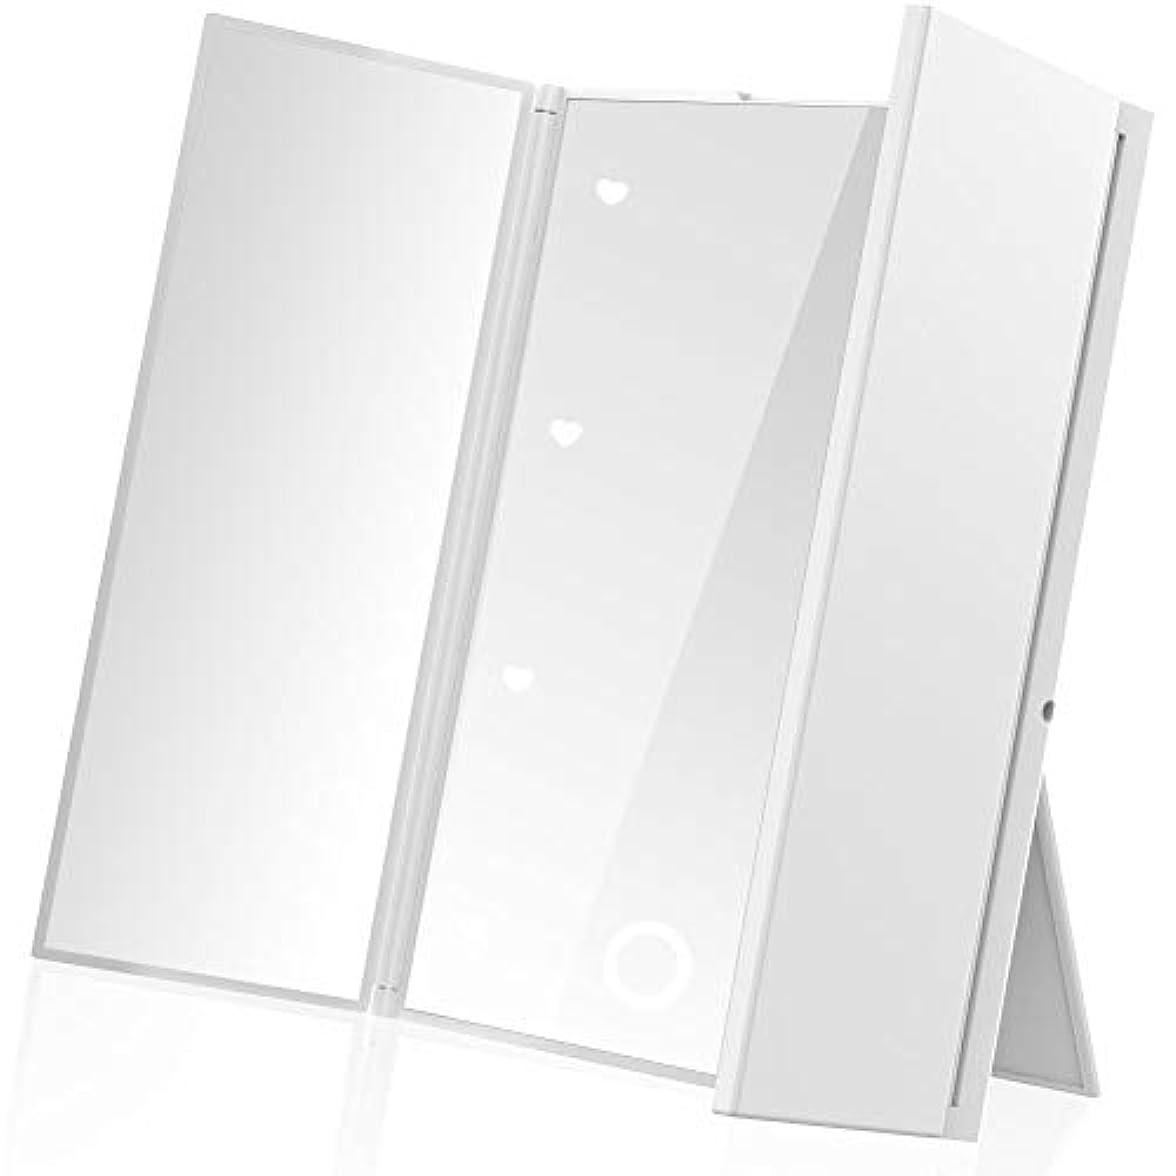 アラバマグリーンバックきょうだいLEEPWEI 鏡 卓上 スタンドミラー 三面鏡 化粧鏡 メイクミラー折りたたみ式 コンパックトLEDライト付き 電池型 持ち運び便利 (ホワイト)